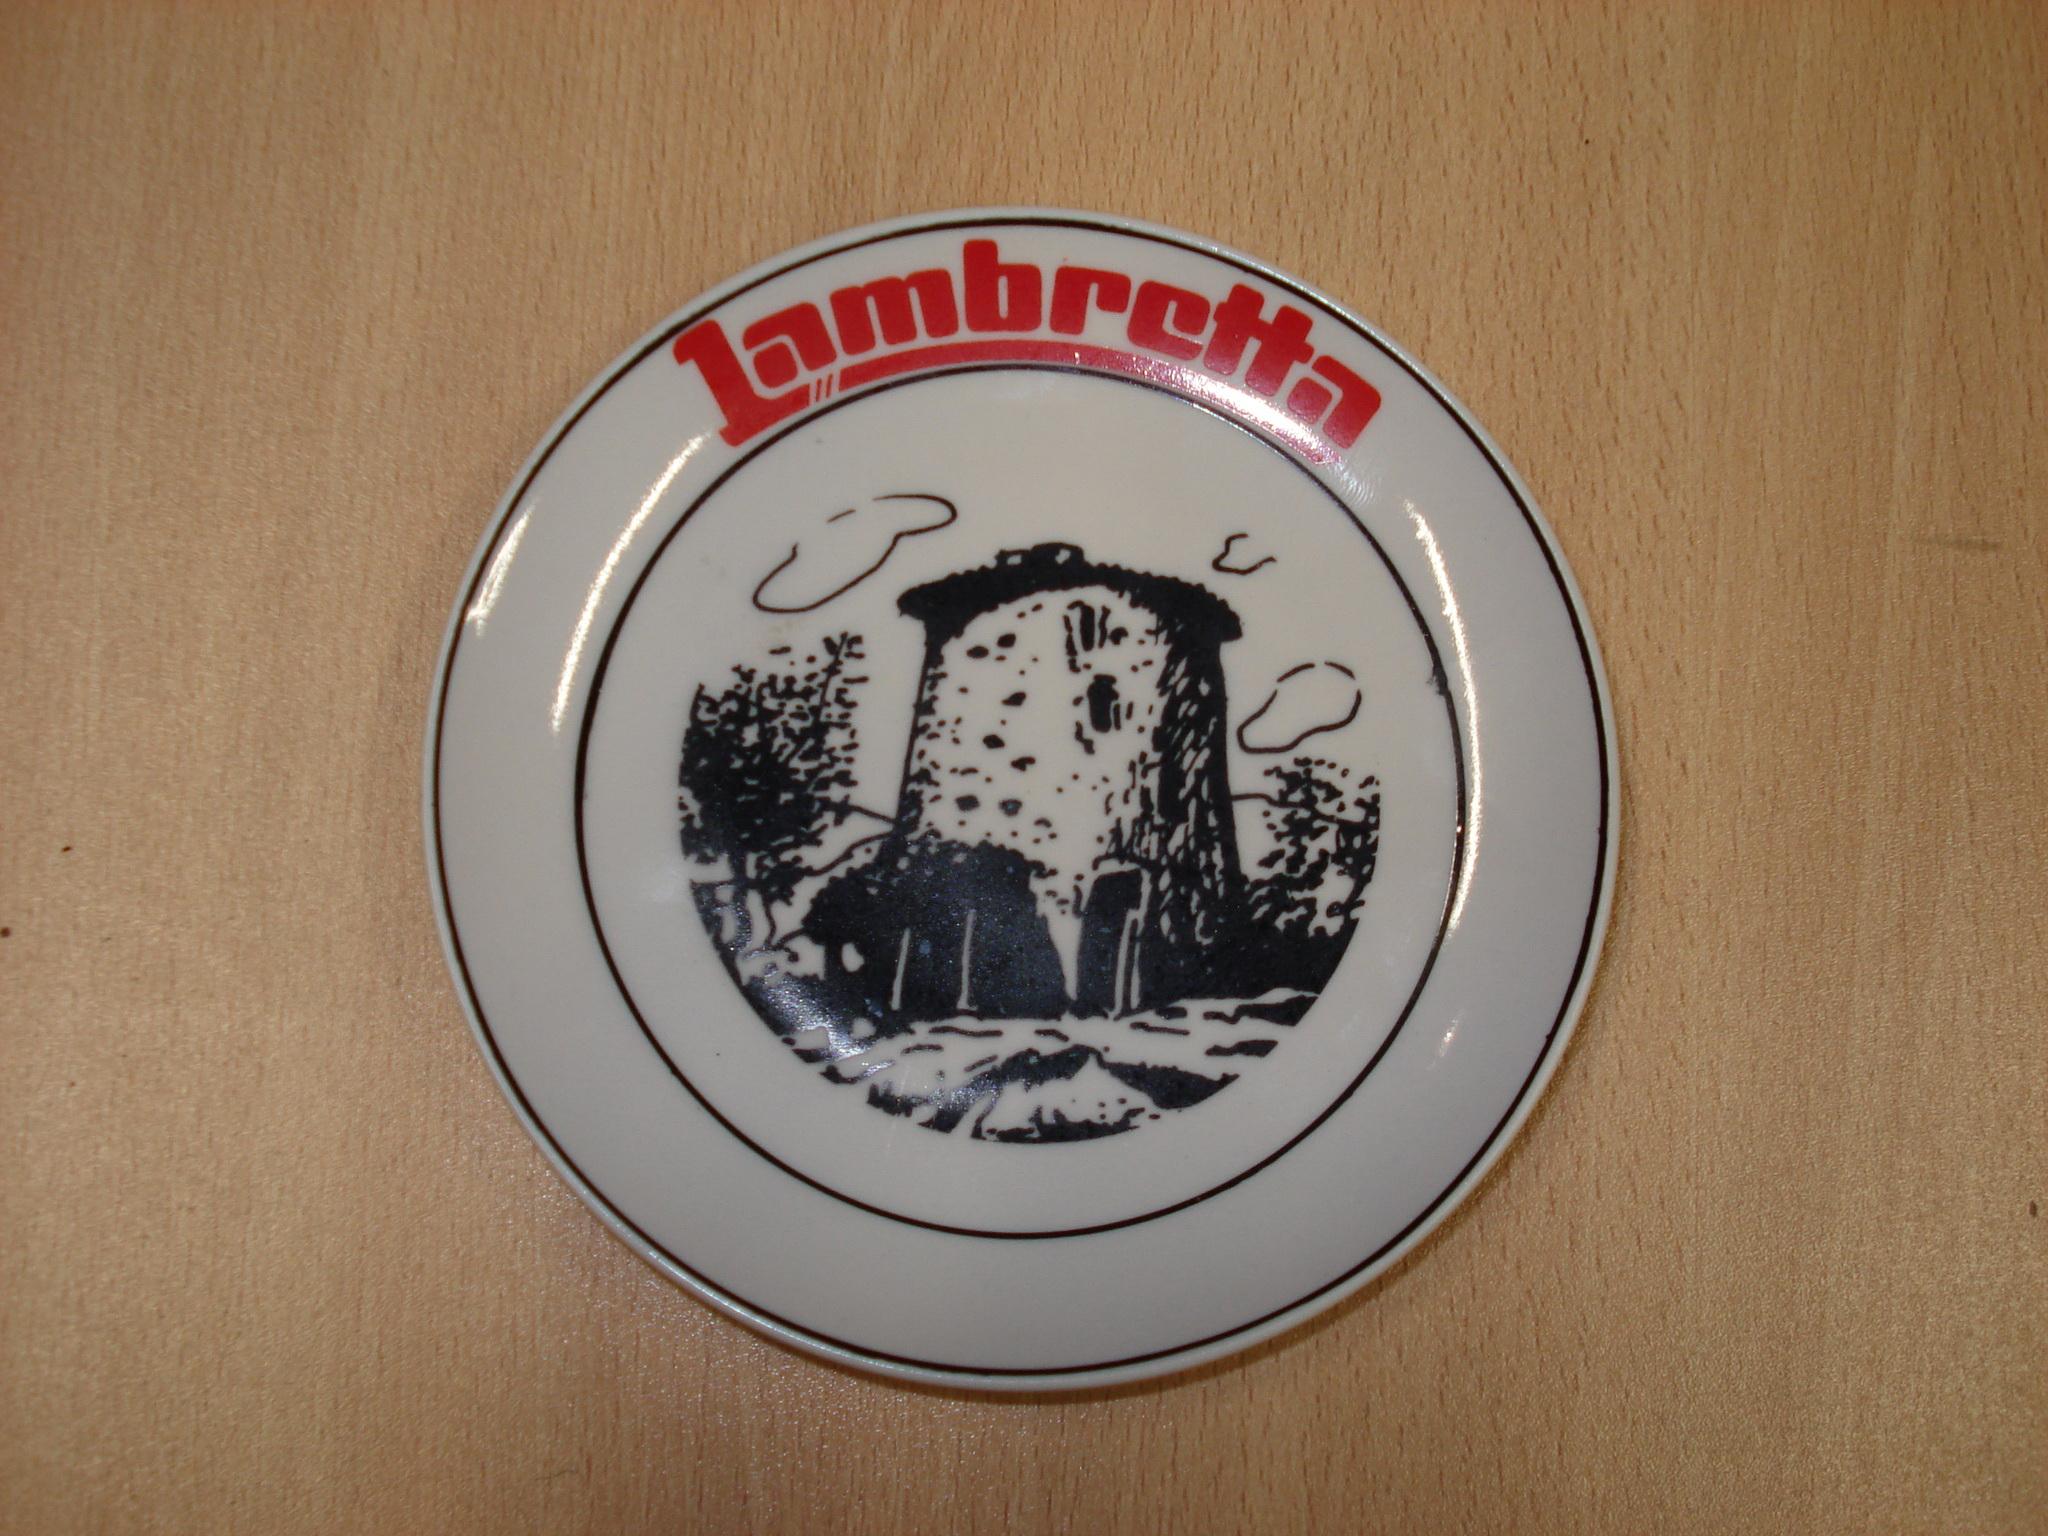 Cenicero publicitario LAMBRETTA